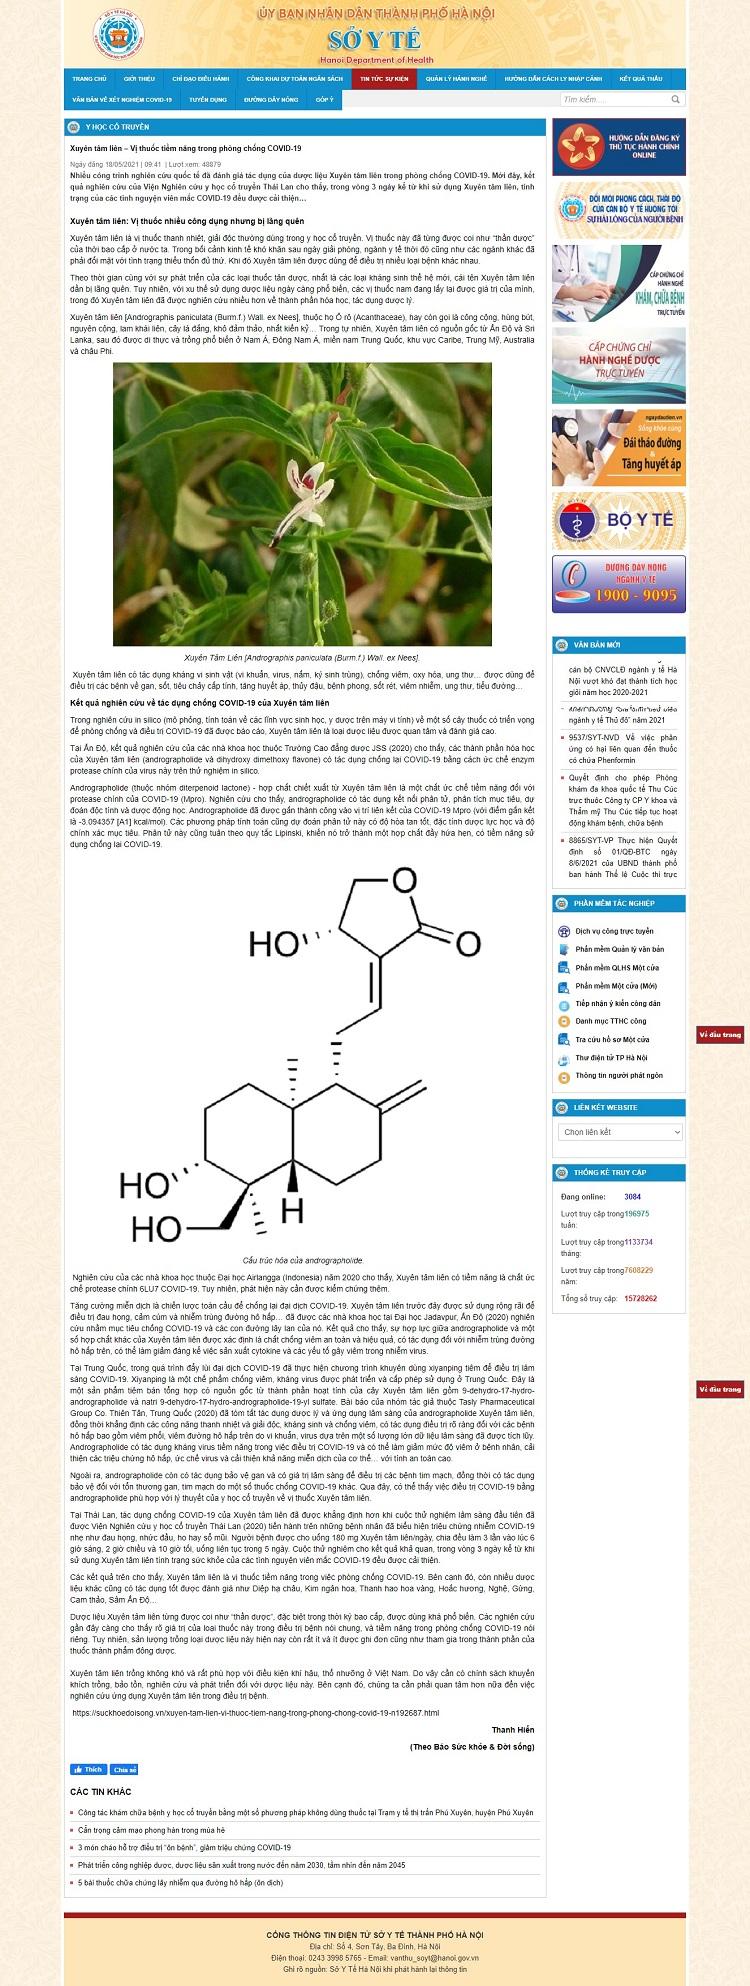 Xuyên tâm liên – Vị thuốc tiềm năng trong phòng chống COVID-19